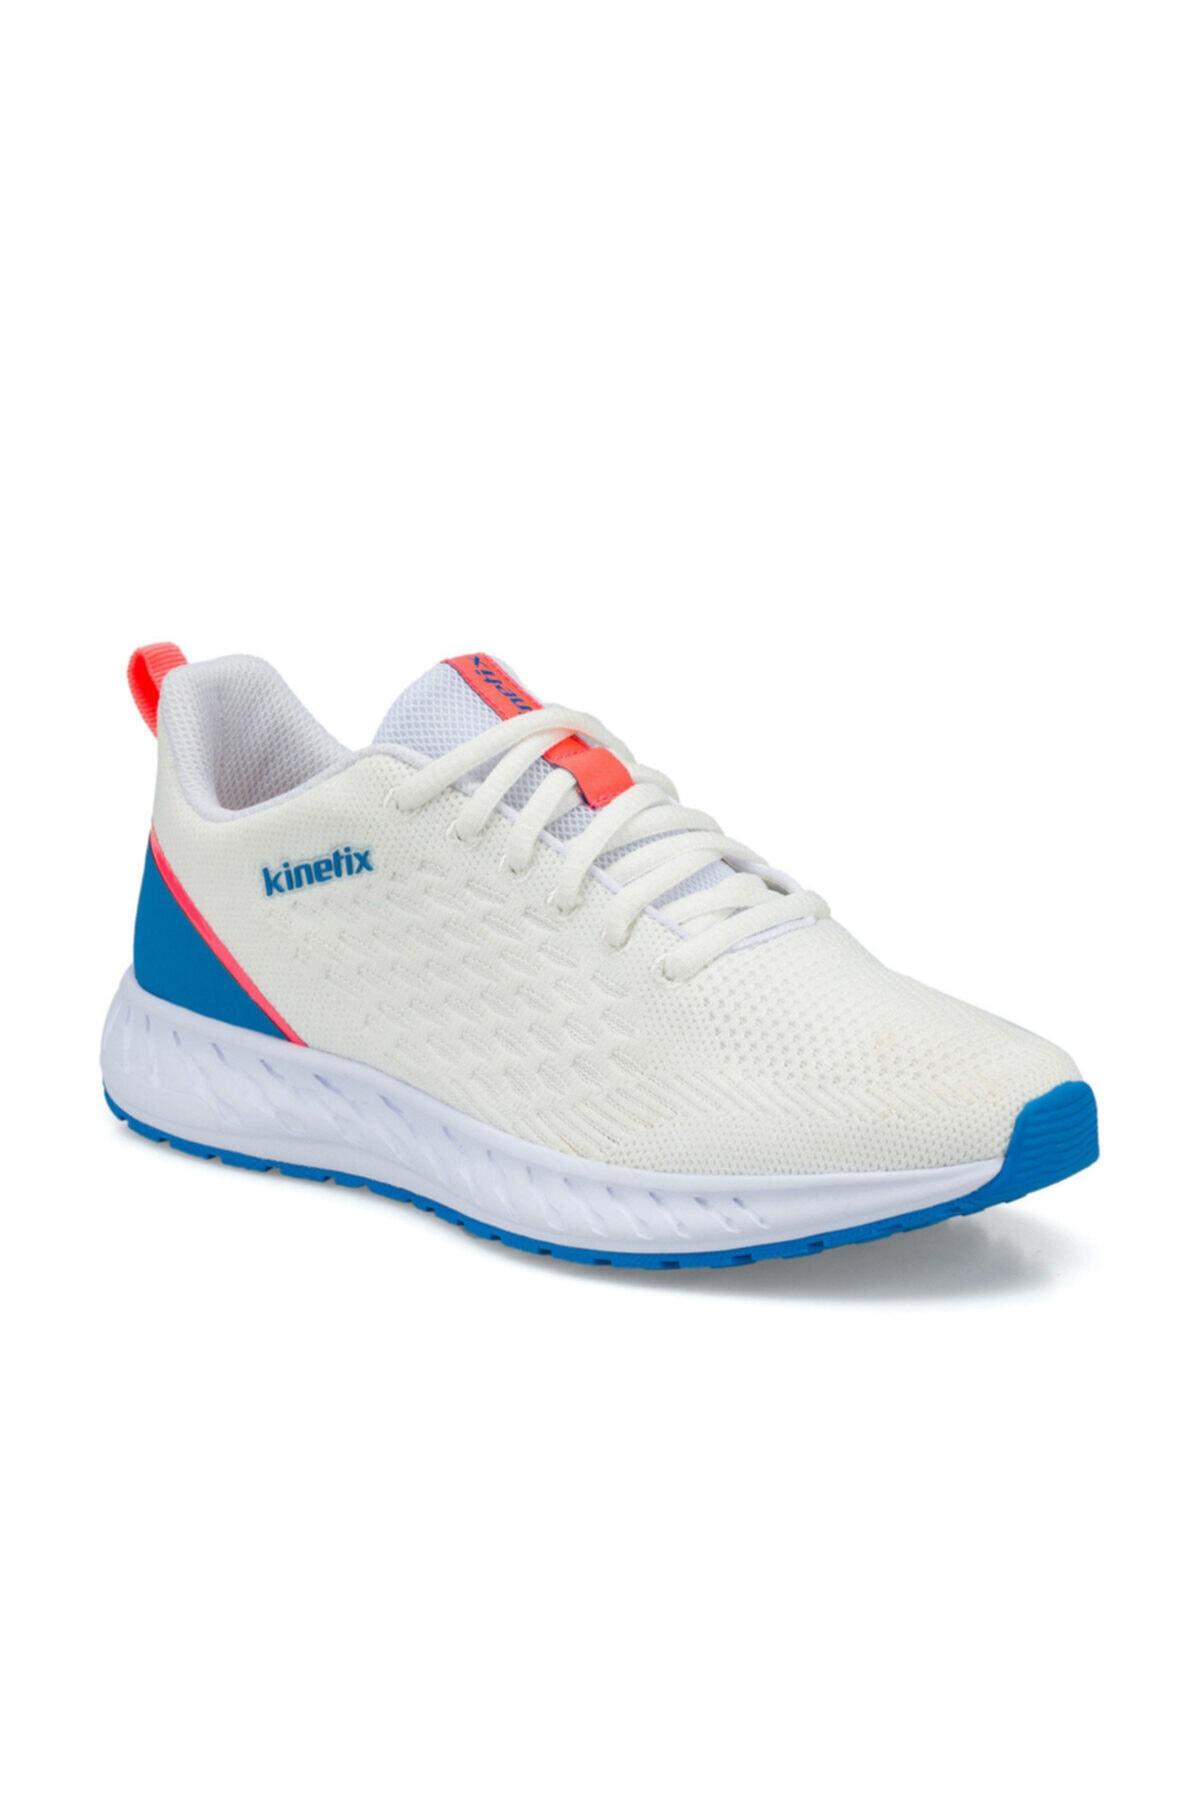 کفش مخصوص دویدن زنانه ترکیه برند کینتیکس kinetix کد ty49402845